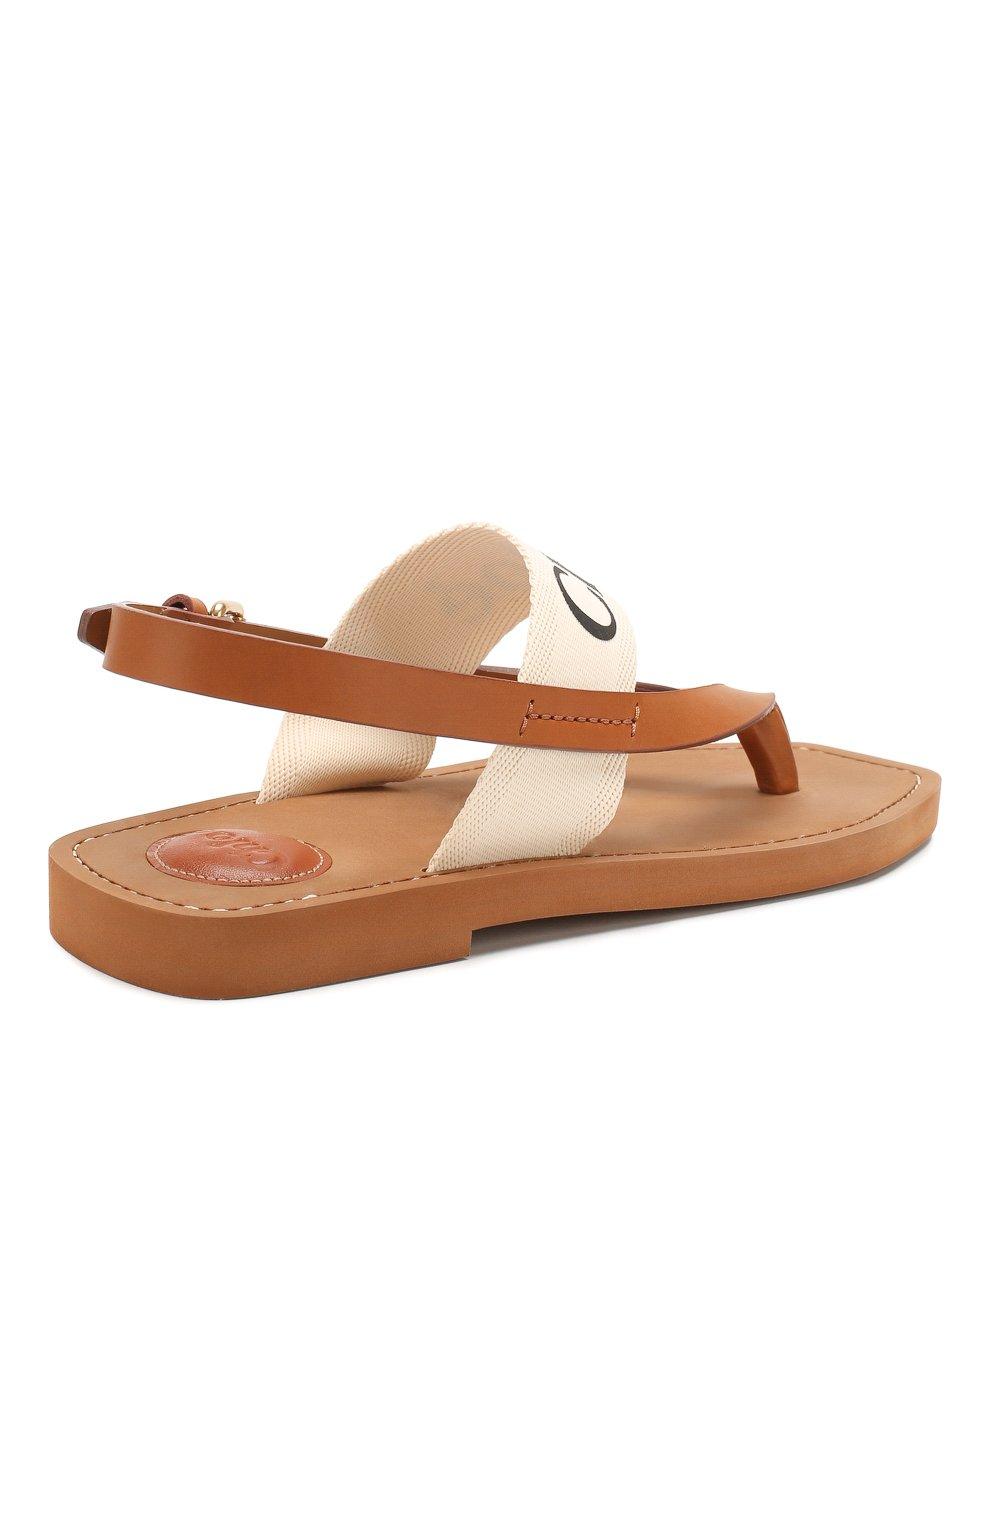 Женские комбинированные сандалии woody CHLOÉ светло-бежевого цвета, арт. CHC20U32708   Фото 4 (Материал внешний: Текстиль; Каблук высота: Низкий; Материал внутренний: Натуральная кожа; Подошва: Плоская)